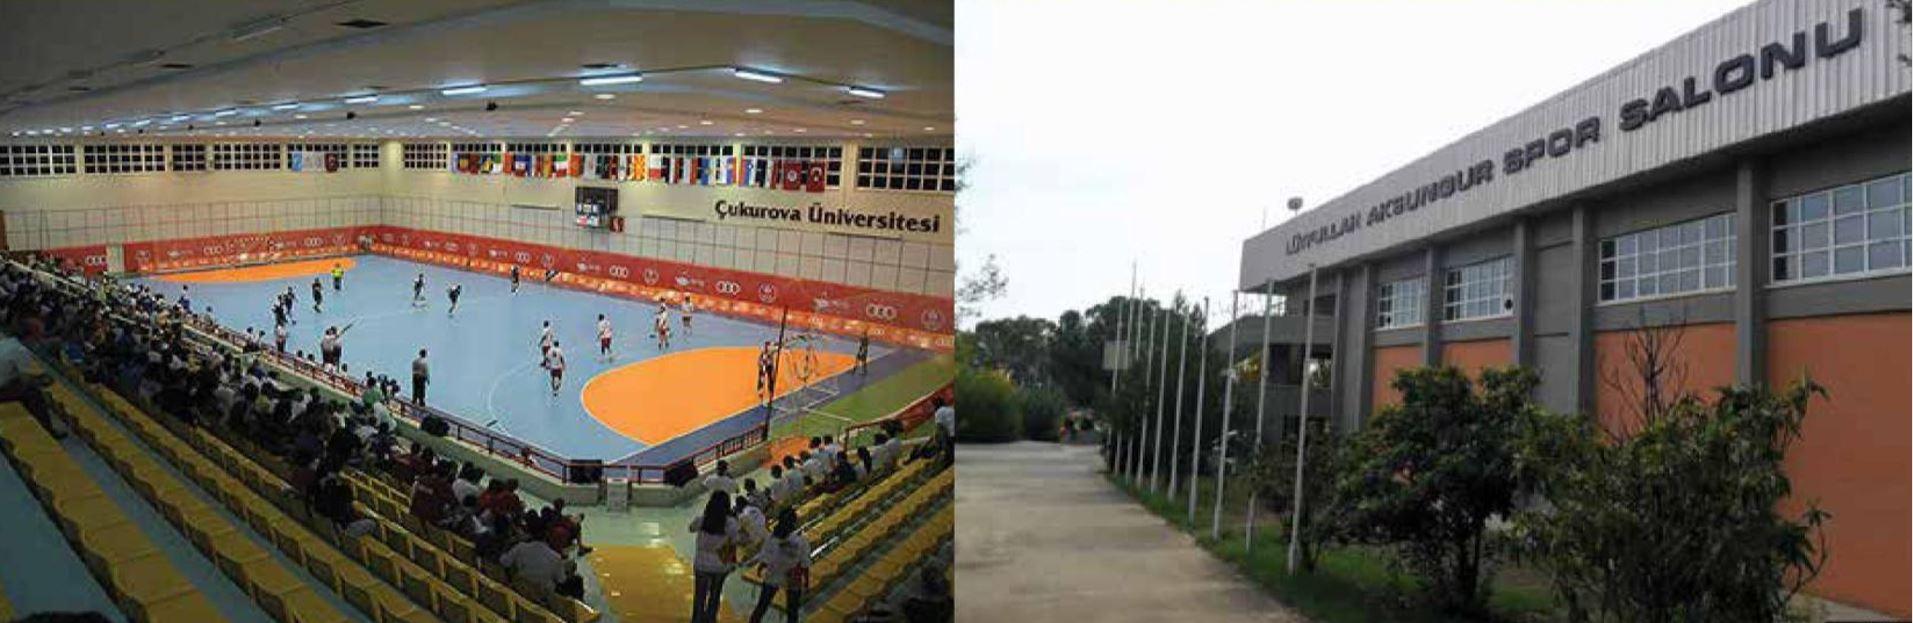 Lütfullah Aksungur Spor Kompleksi Modernizasyonu